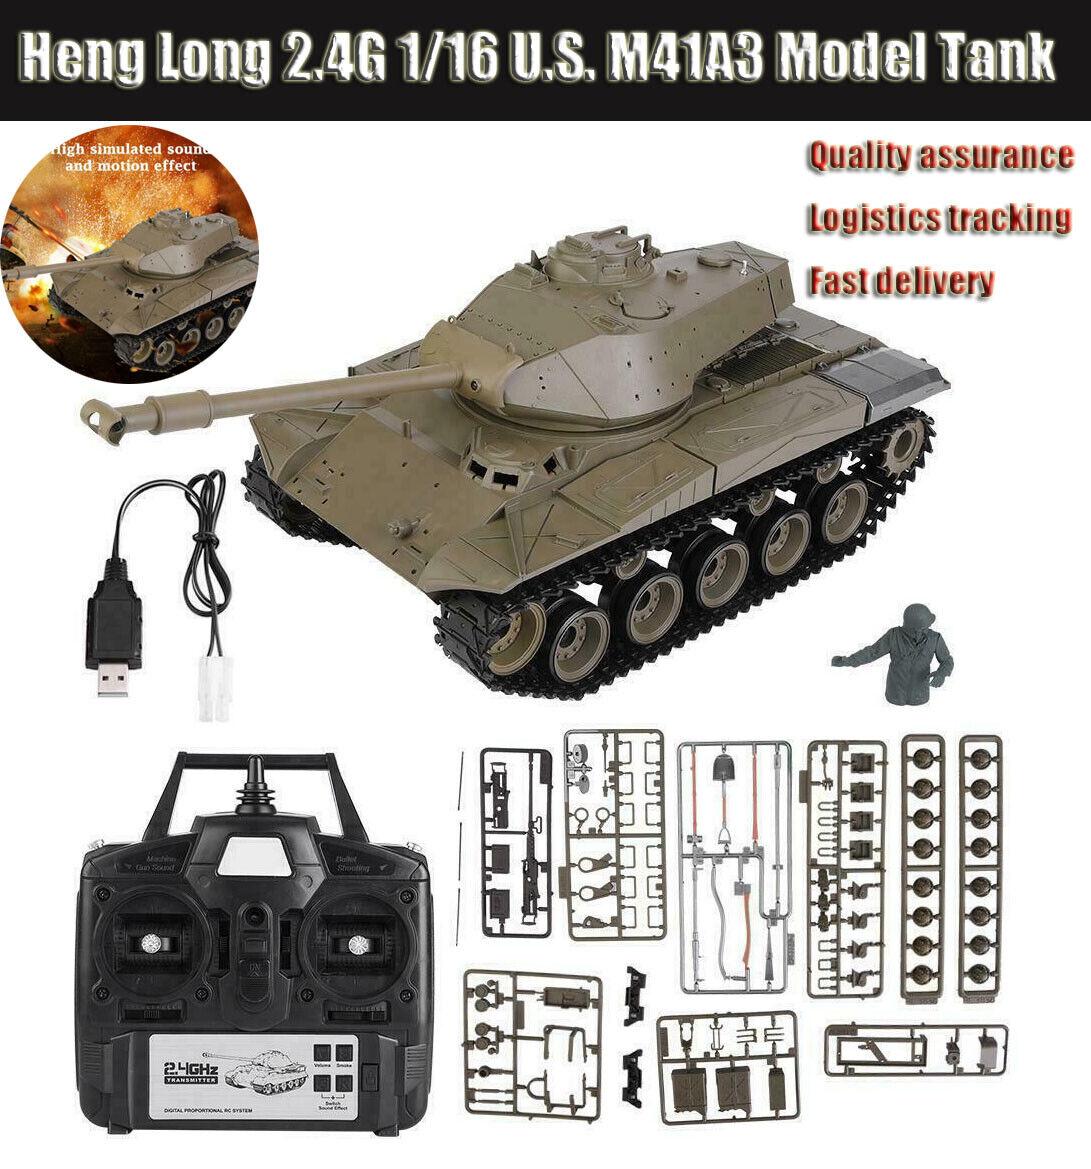 Heng lungo Upgrade 1 16 U.S. M41A3  modello TANK 2.4G 3839 HL RC Tank Pro edizione ve  supporto al dettaglio all'ingrosso